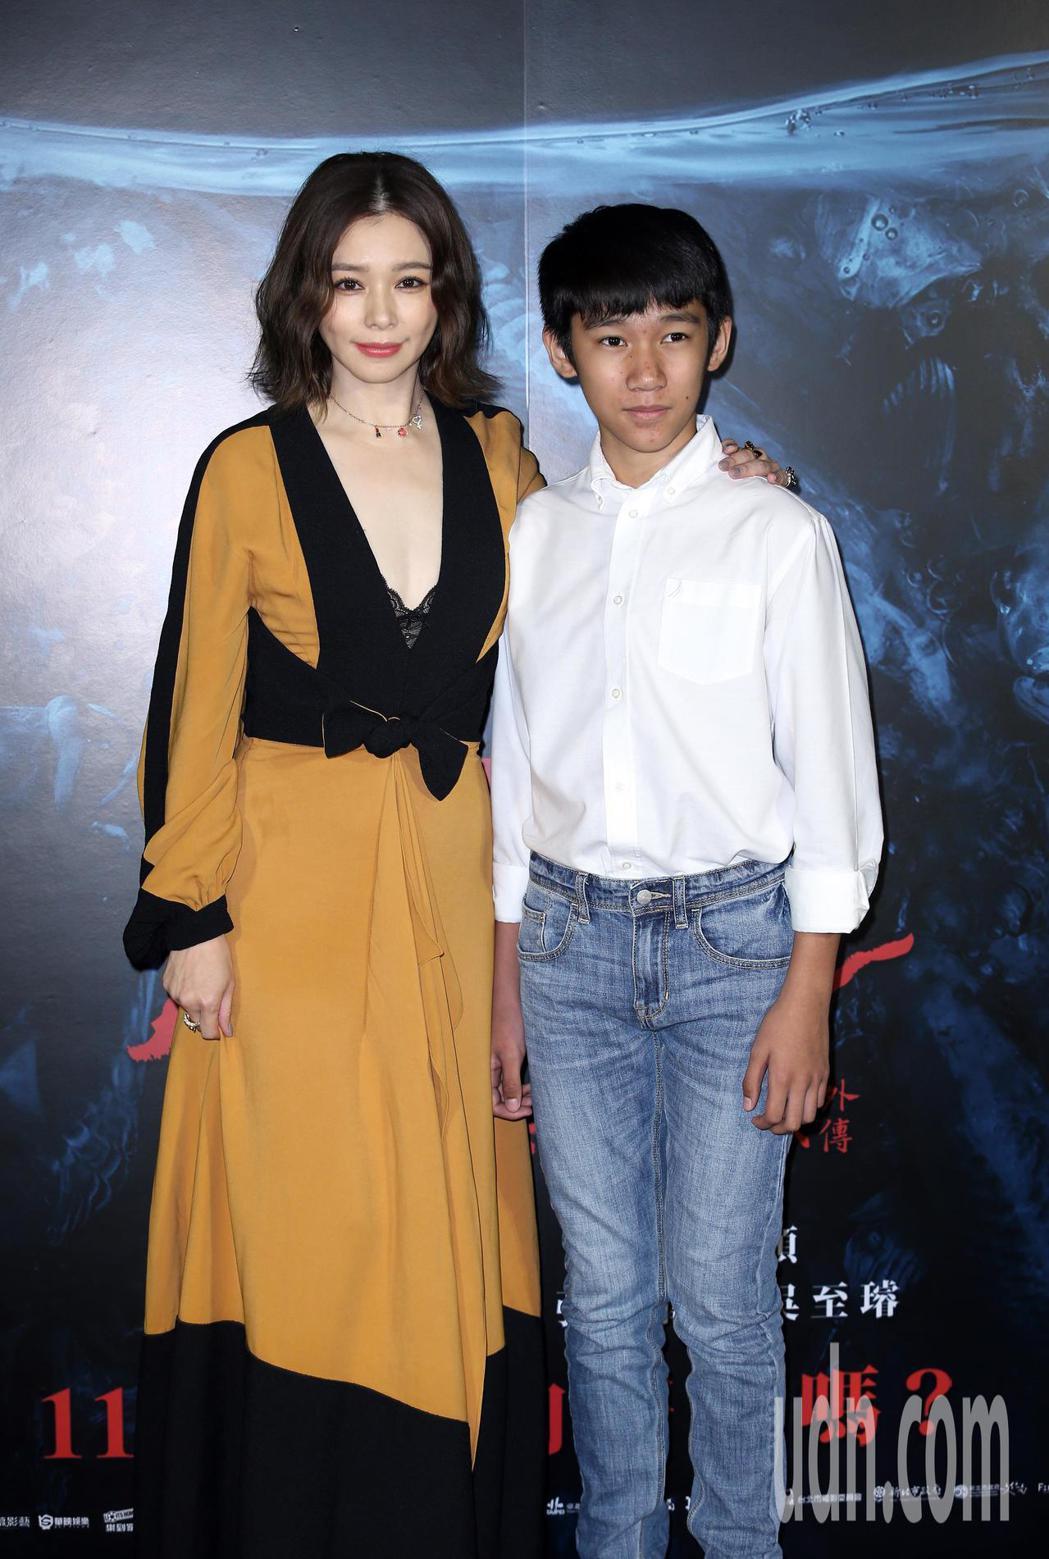 《人面魚-紅衣小女孩外傳》正式預告發布會,演員徐若瑄、童星吳至璿出席。記者曾吉松